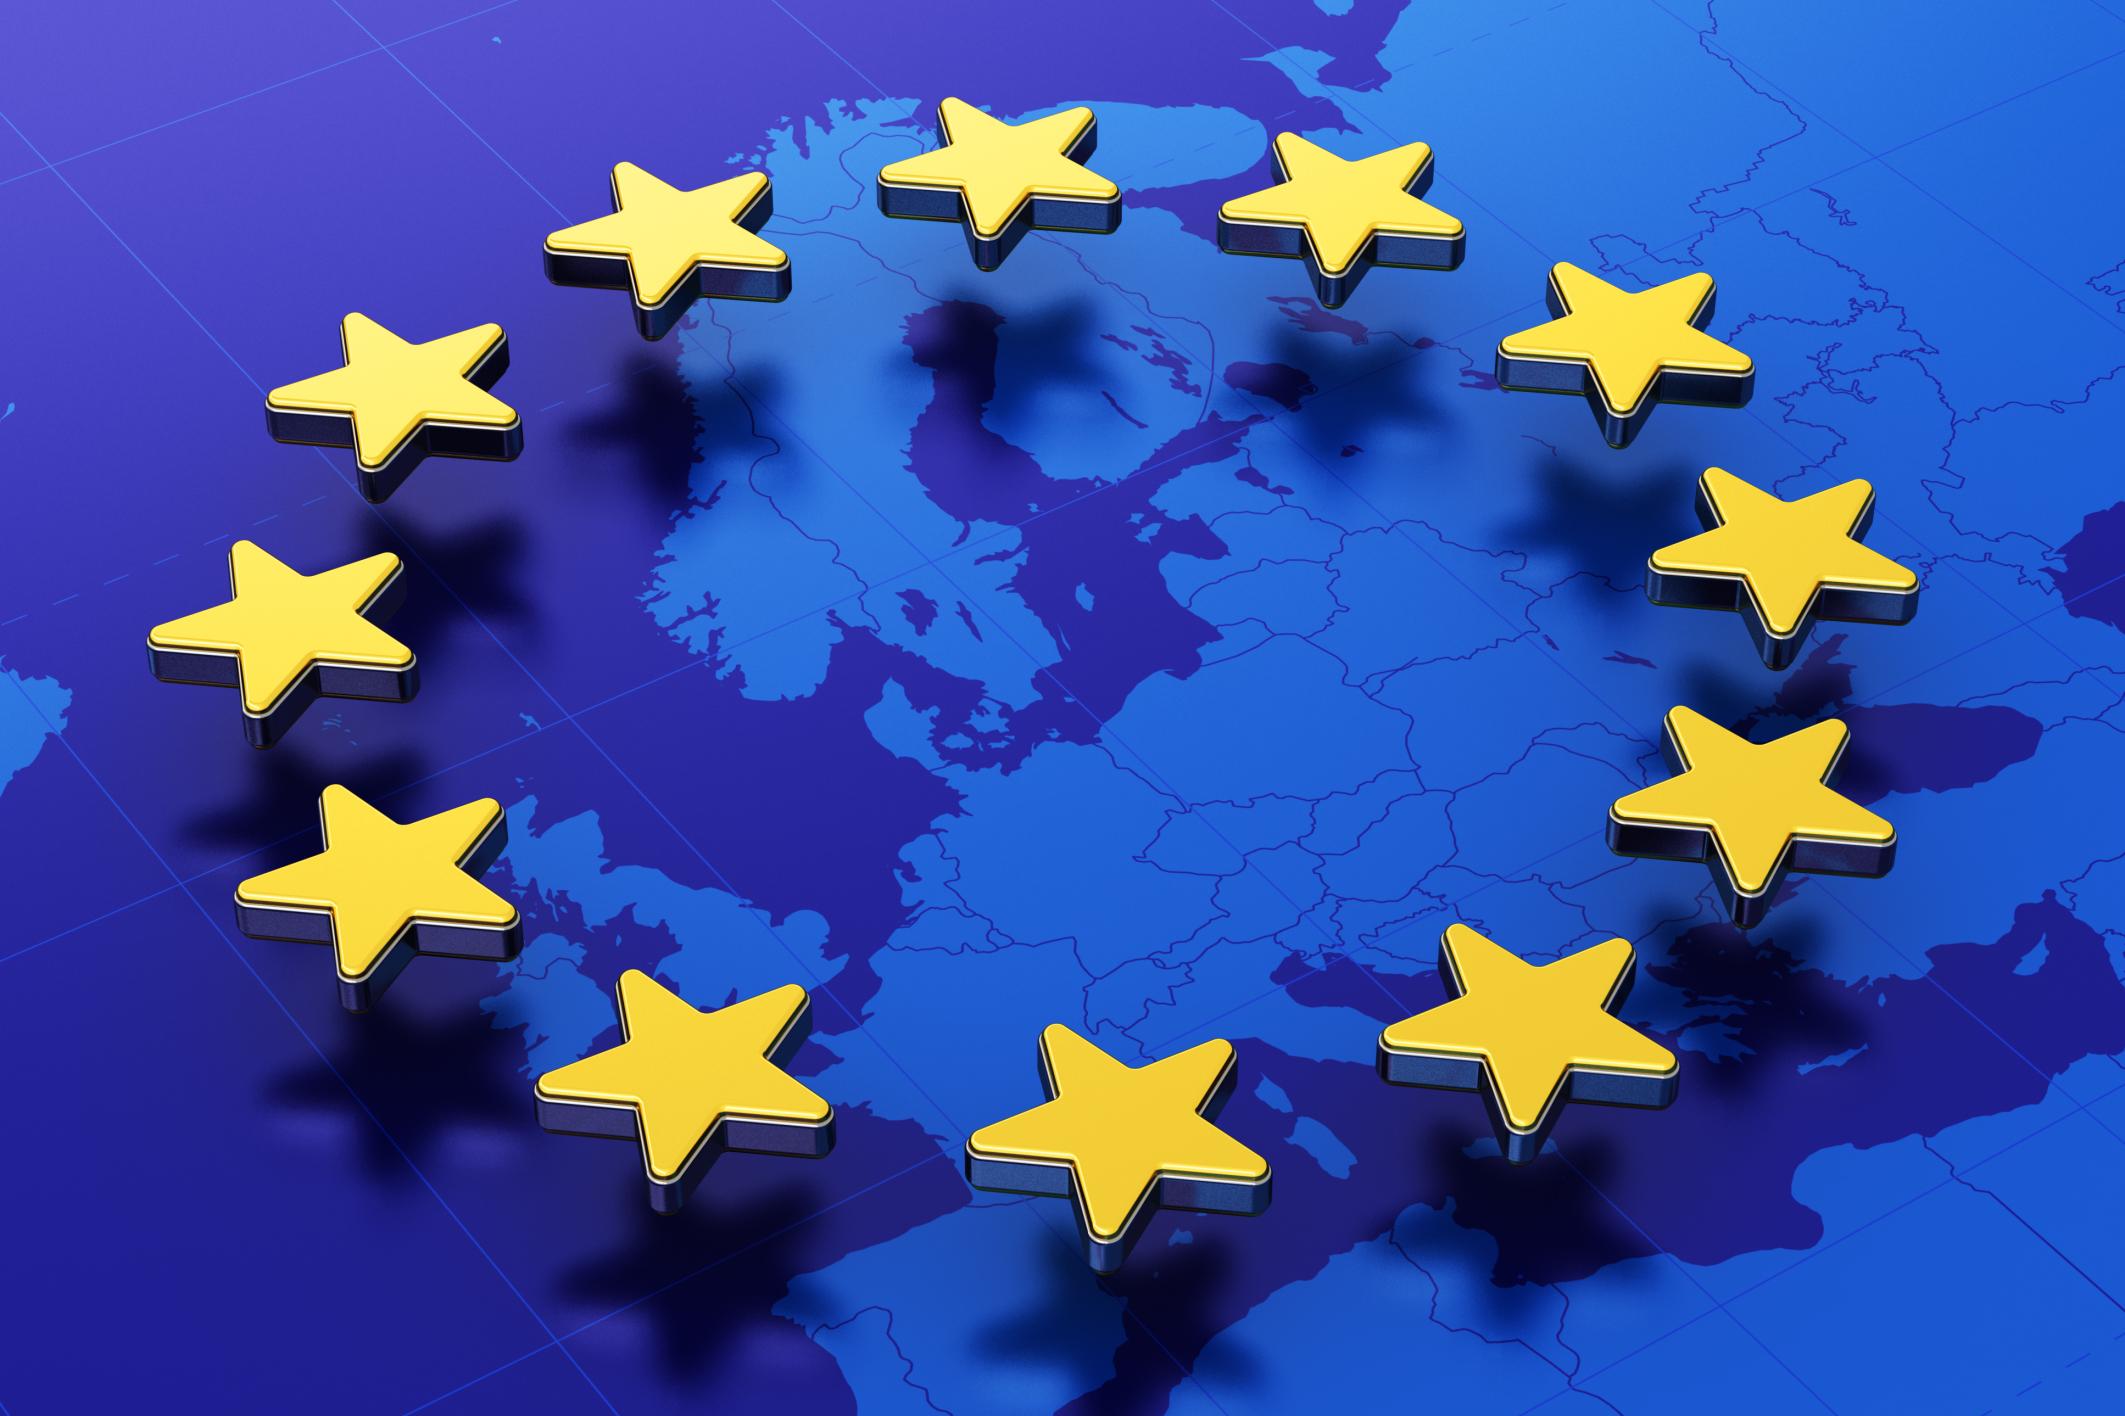 Una Europa sin barreras que potencie la actividad empresarial, el empleo y las garantías y libertades ciudadanas